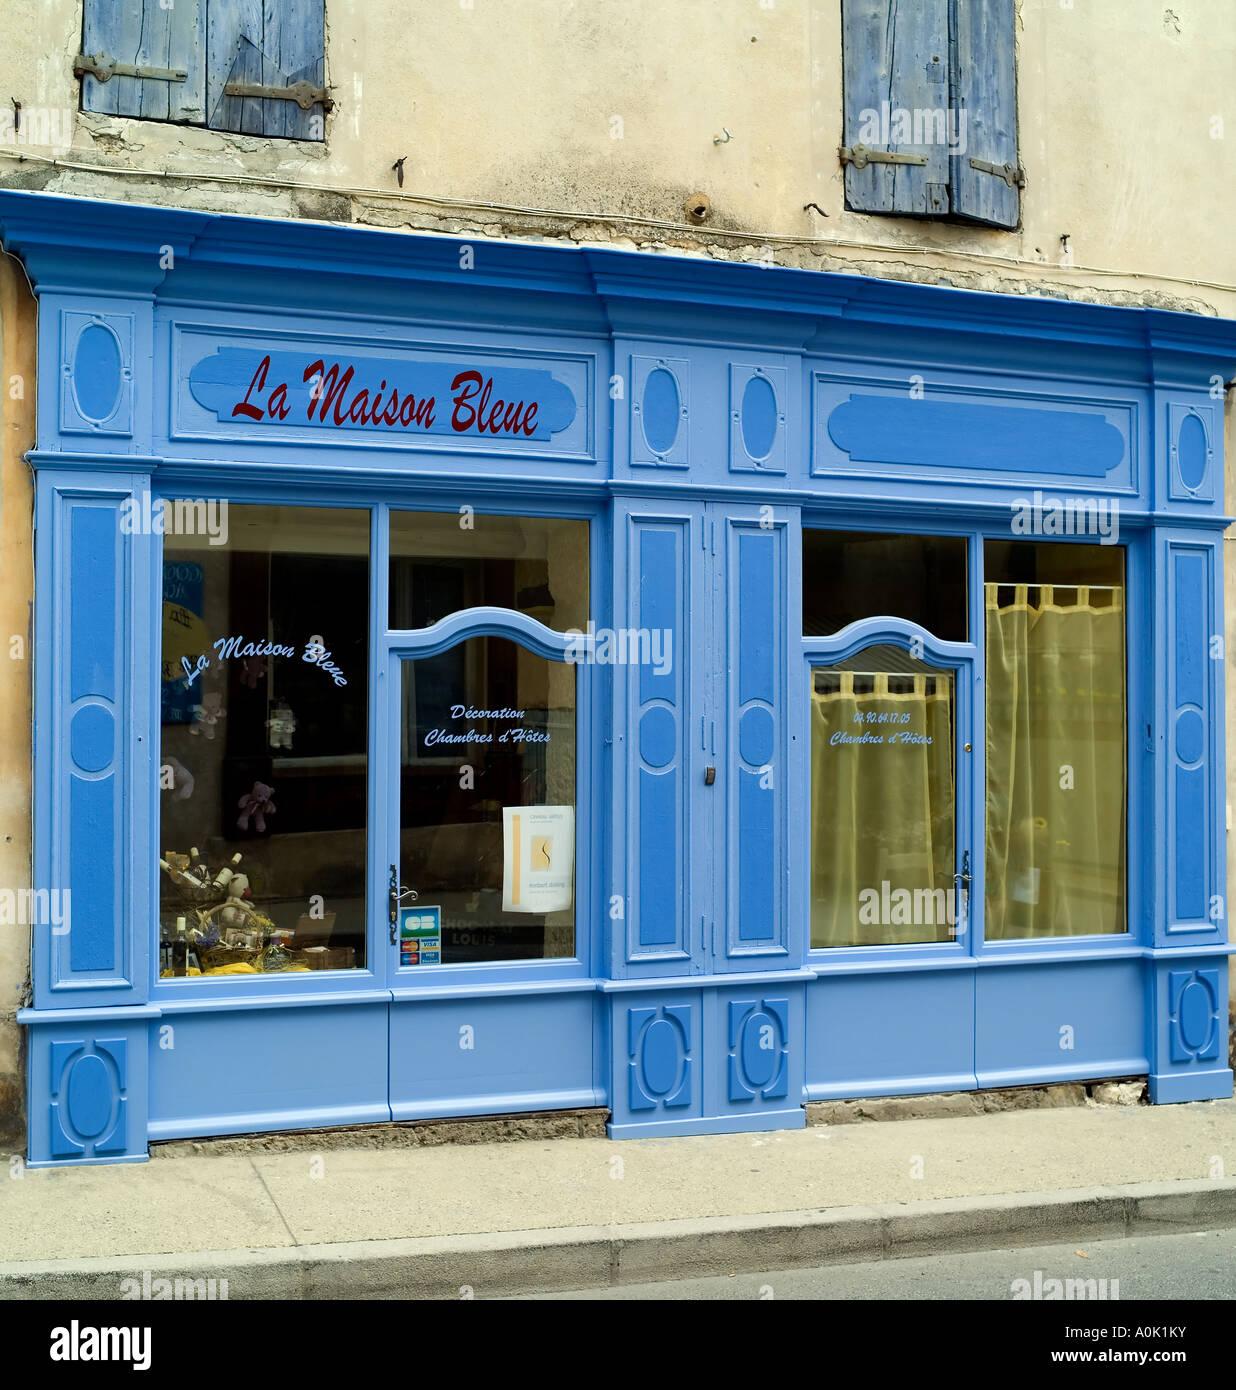 La Maison Bleue, La maison bleue/boutique, magasin de décoration ...